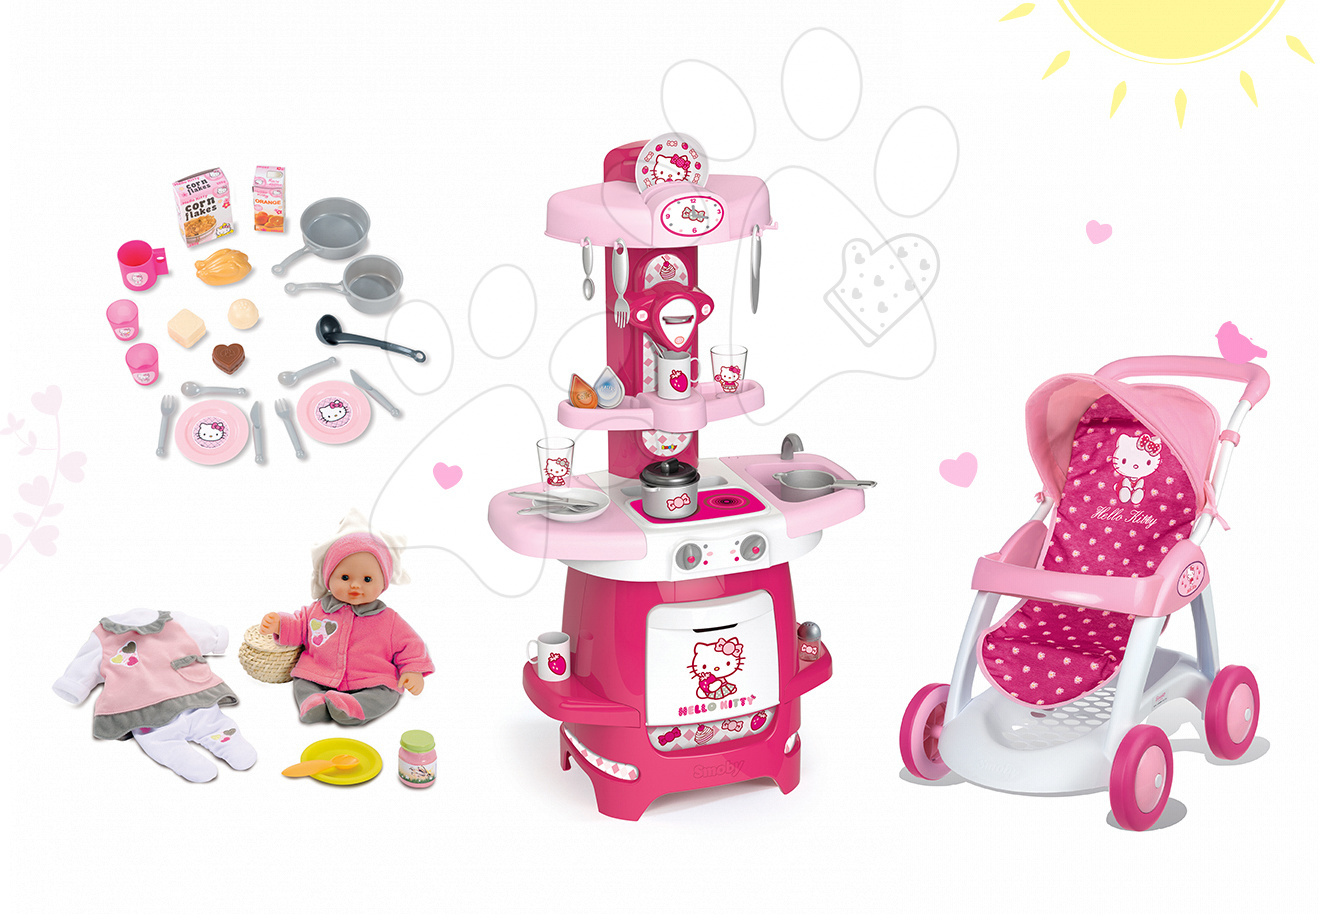 Set kuchyňka Máša a medvěd Smoby s kávovarem, sportovní kočárek pro panenku (55 cm ručka) a panenka se šatičkami